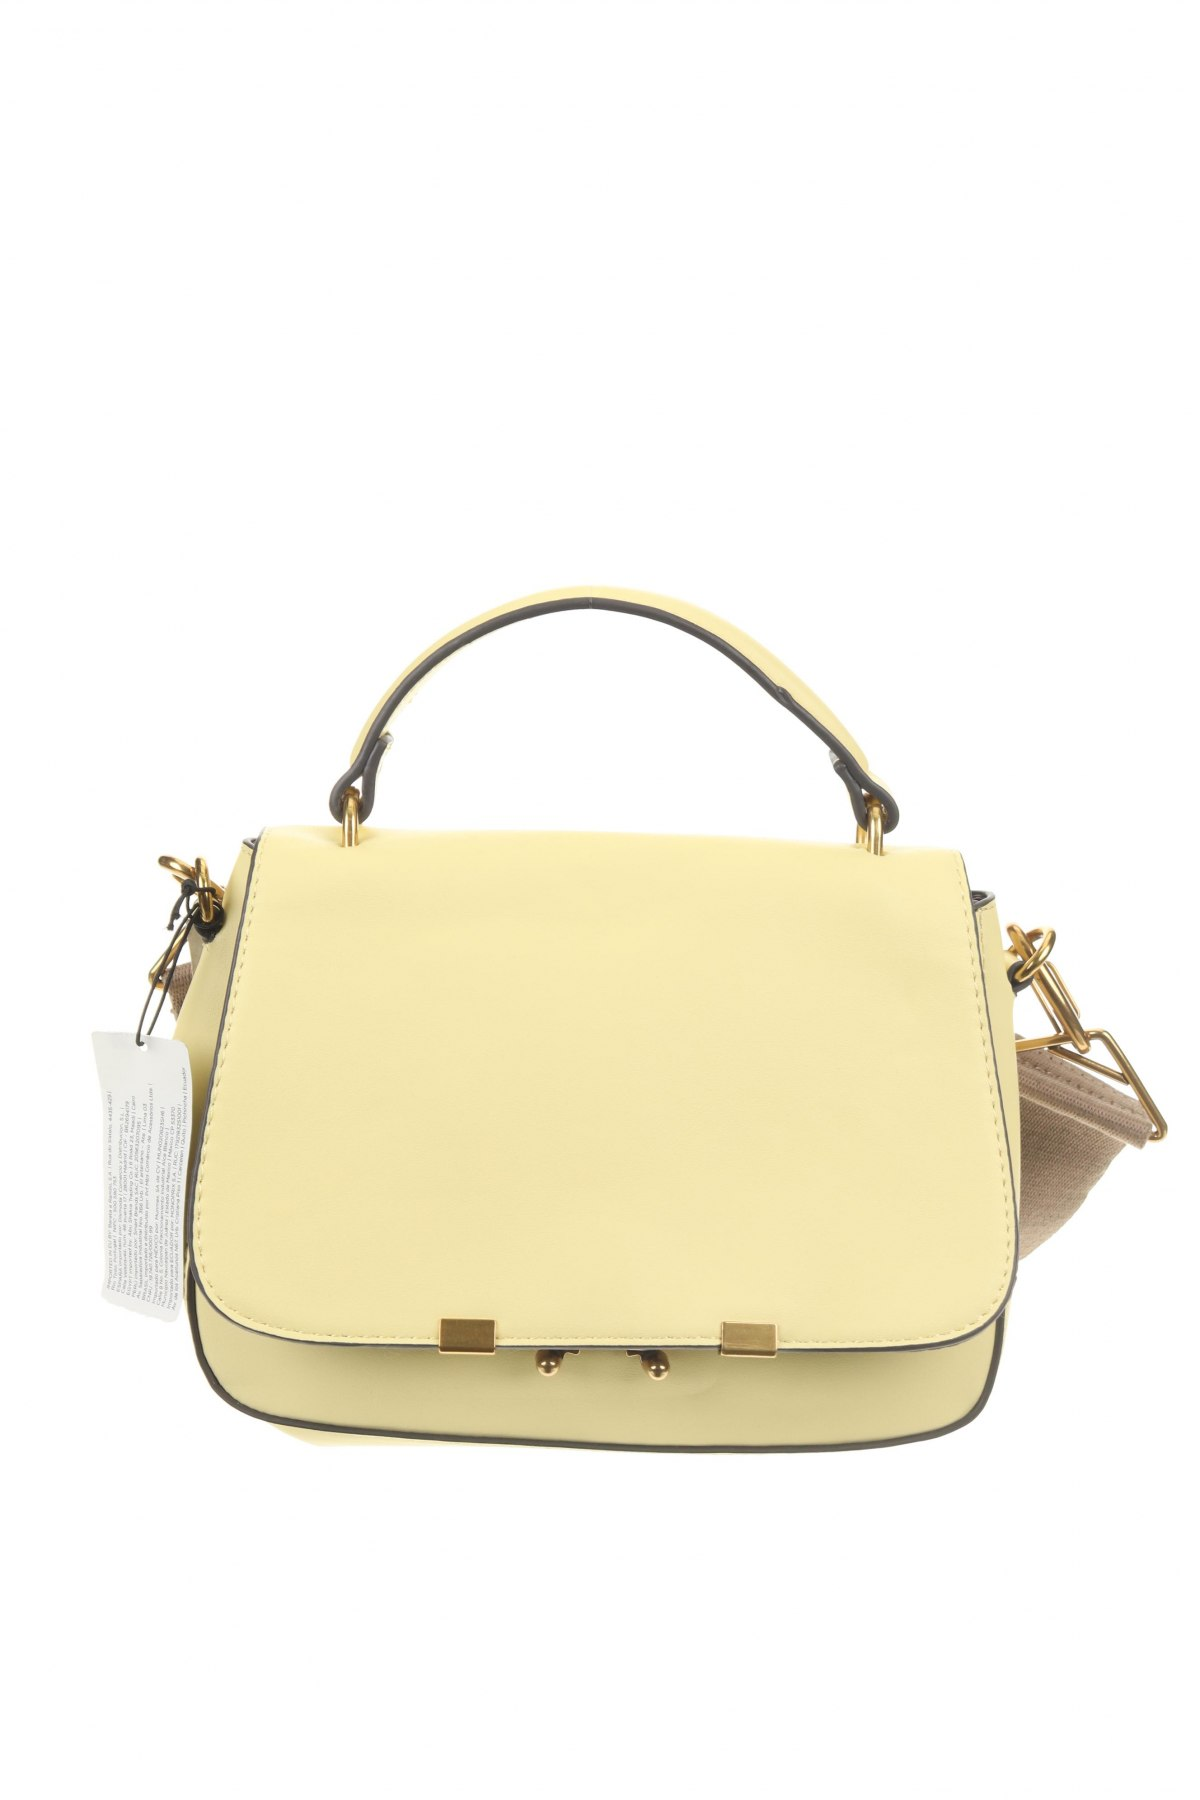 Дамска чанта Parfois, Цвят Жълт, Еко кожа, Цена 44,25лв.